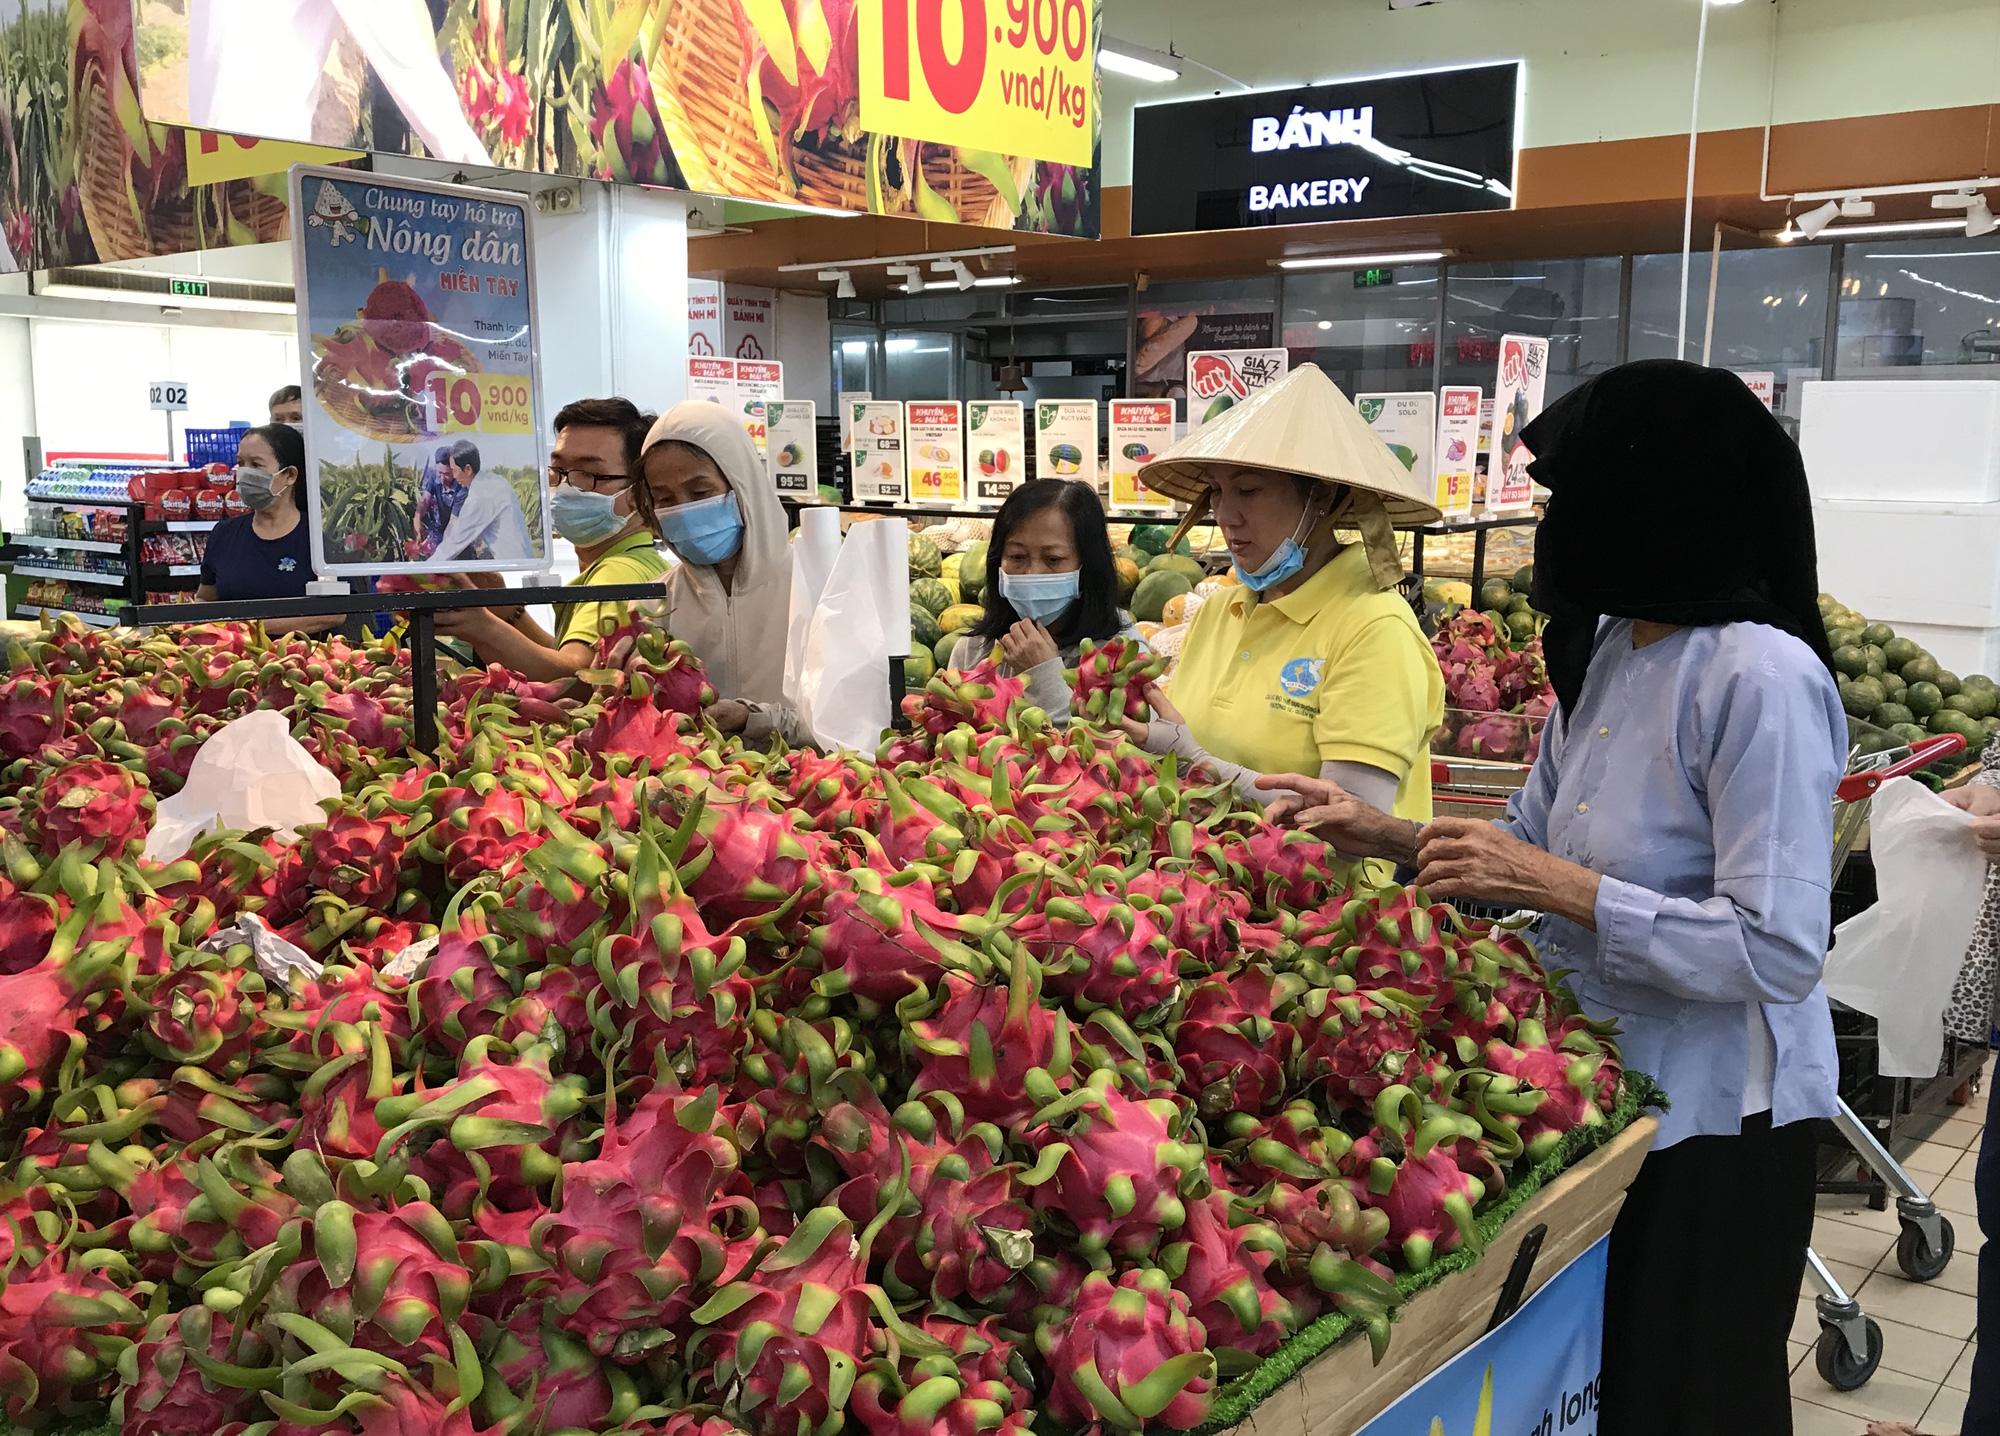 Người Sài Gòn đổ xô giải cứu dưa hấu, thanh long từ 4.200 đồng/kg trong siêu thị, mới 8h, có nơi đã hết sạch - Ảnh 2.